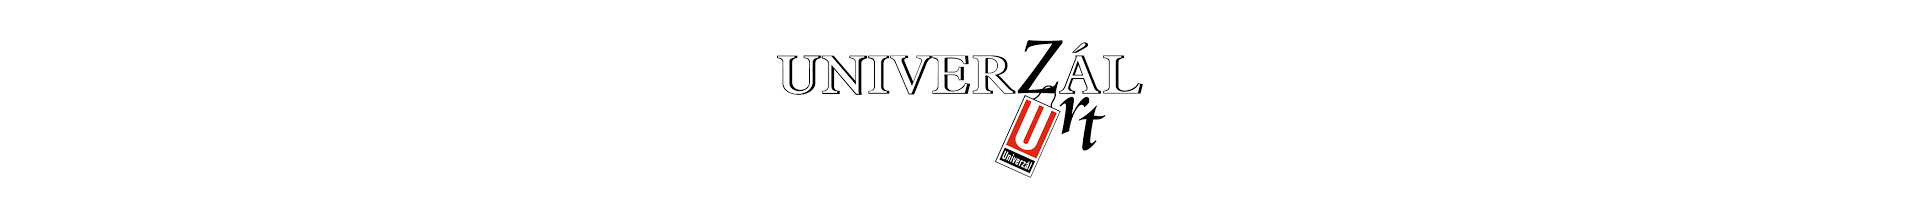 partner-logo-slide-4